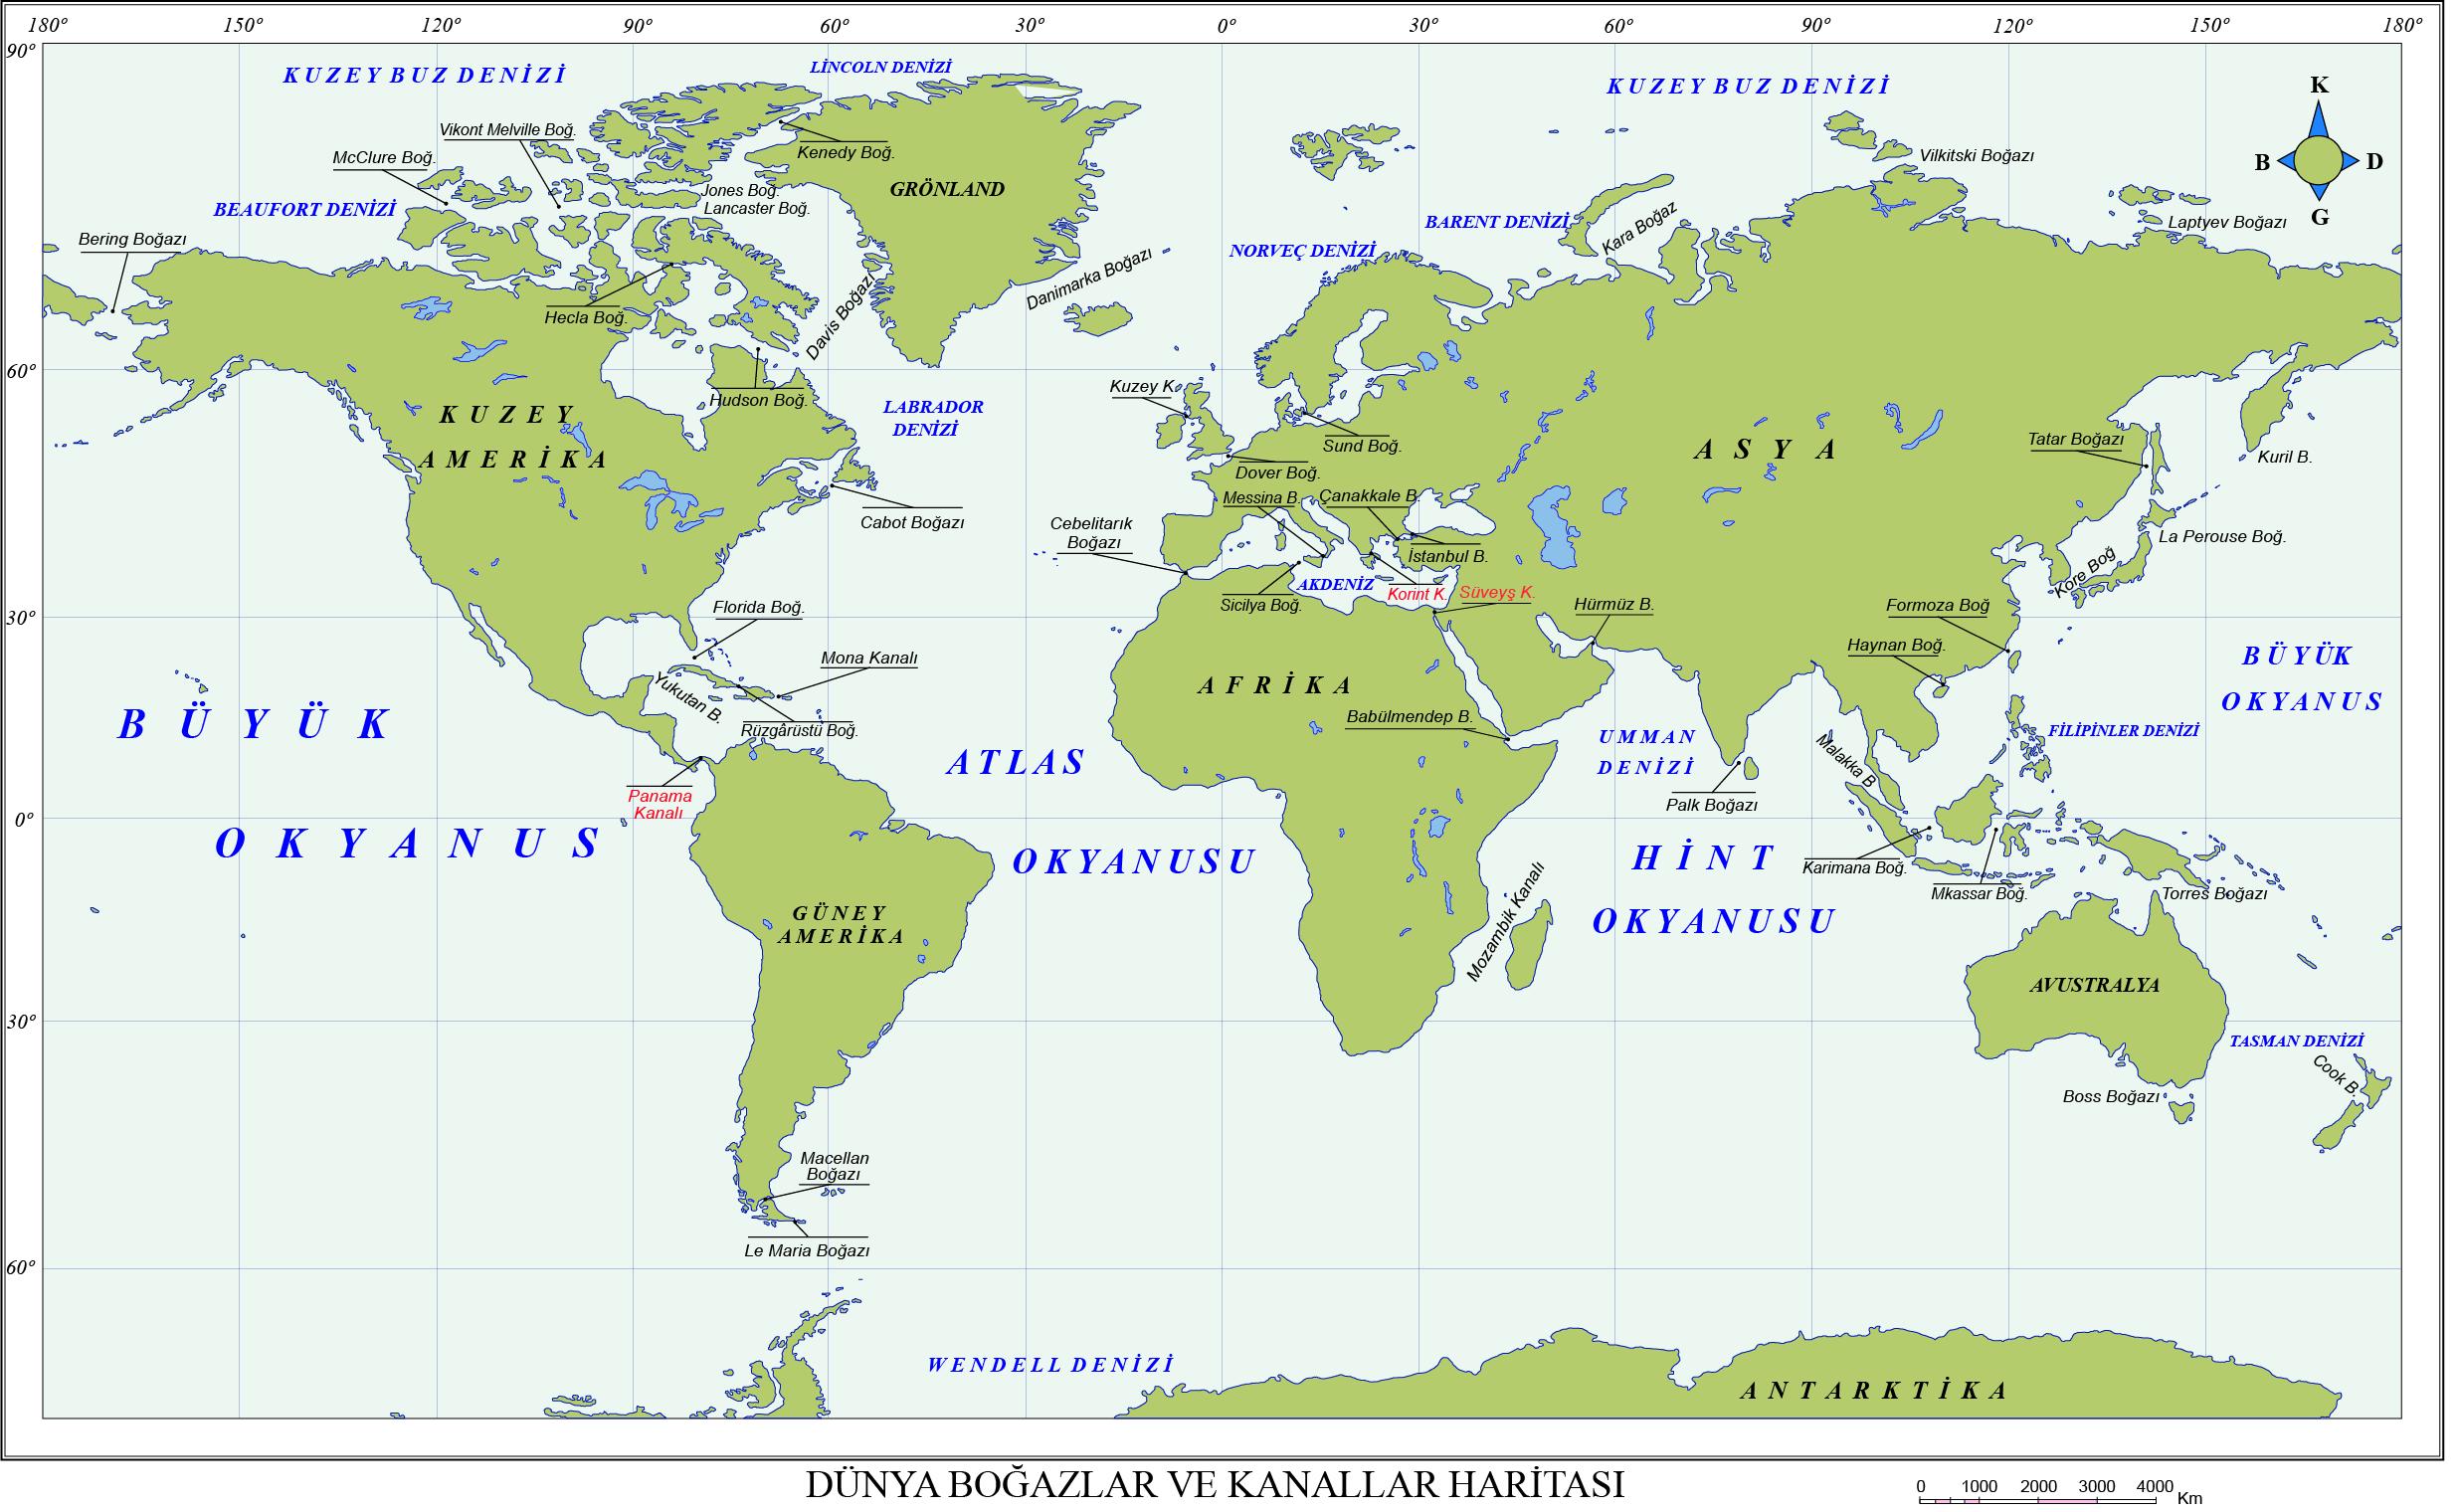 Dünya Boğazlar ve Kanallar Haritası